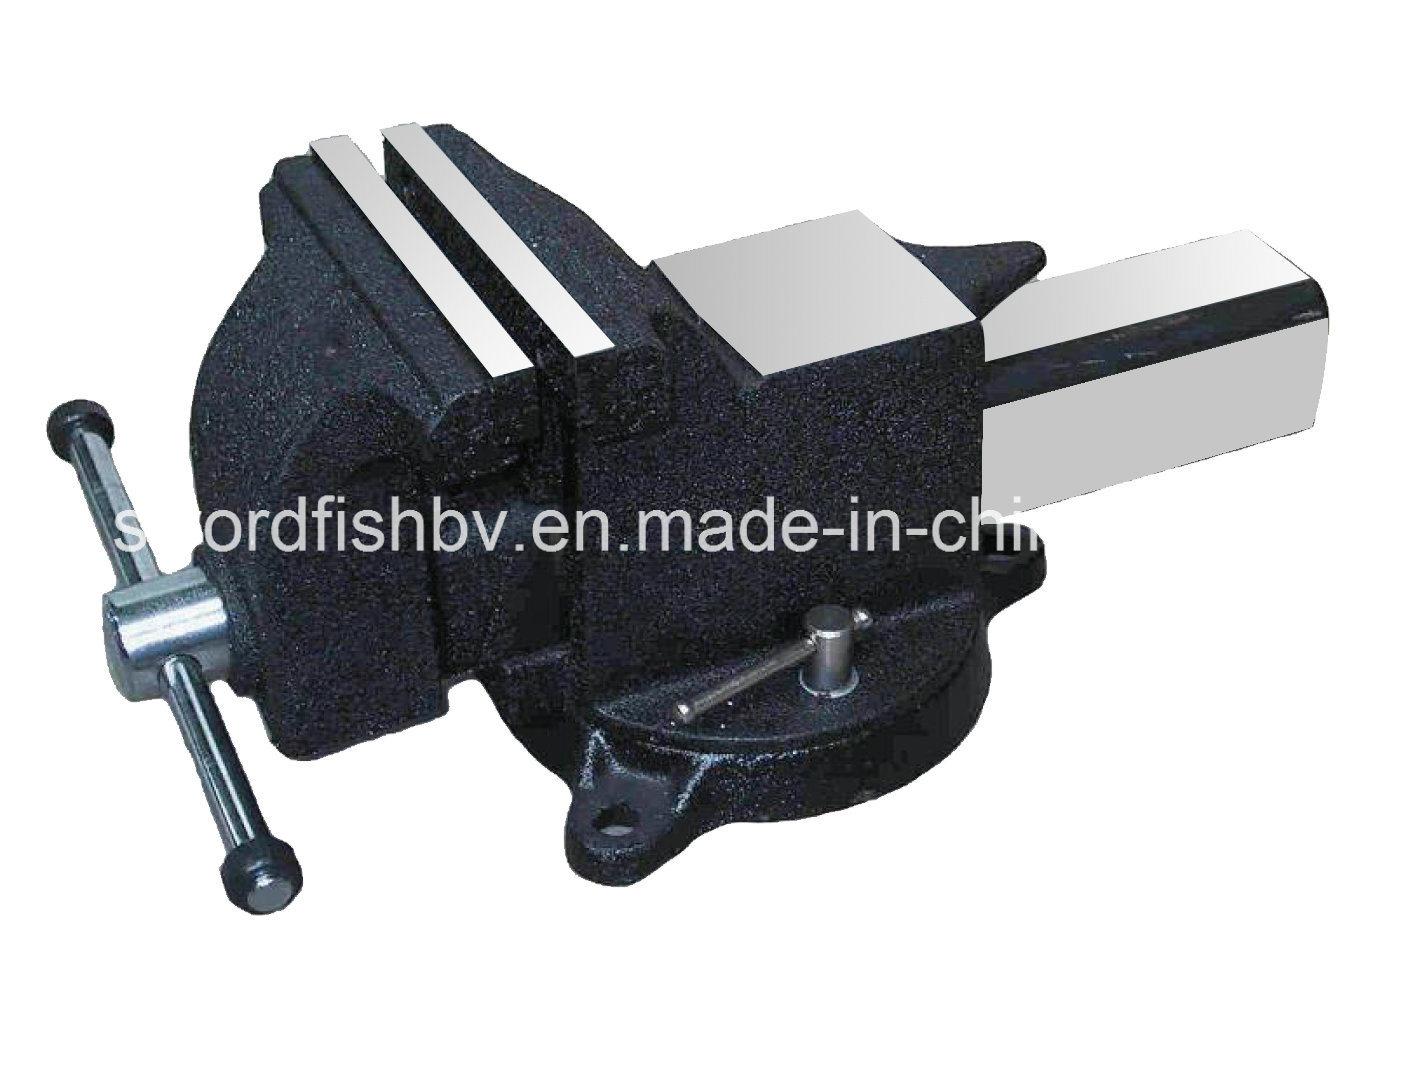 Heavy Duty Cast Steel Bench Vise